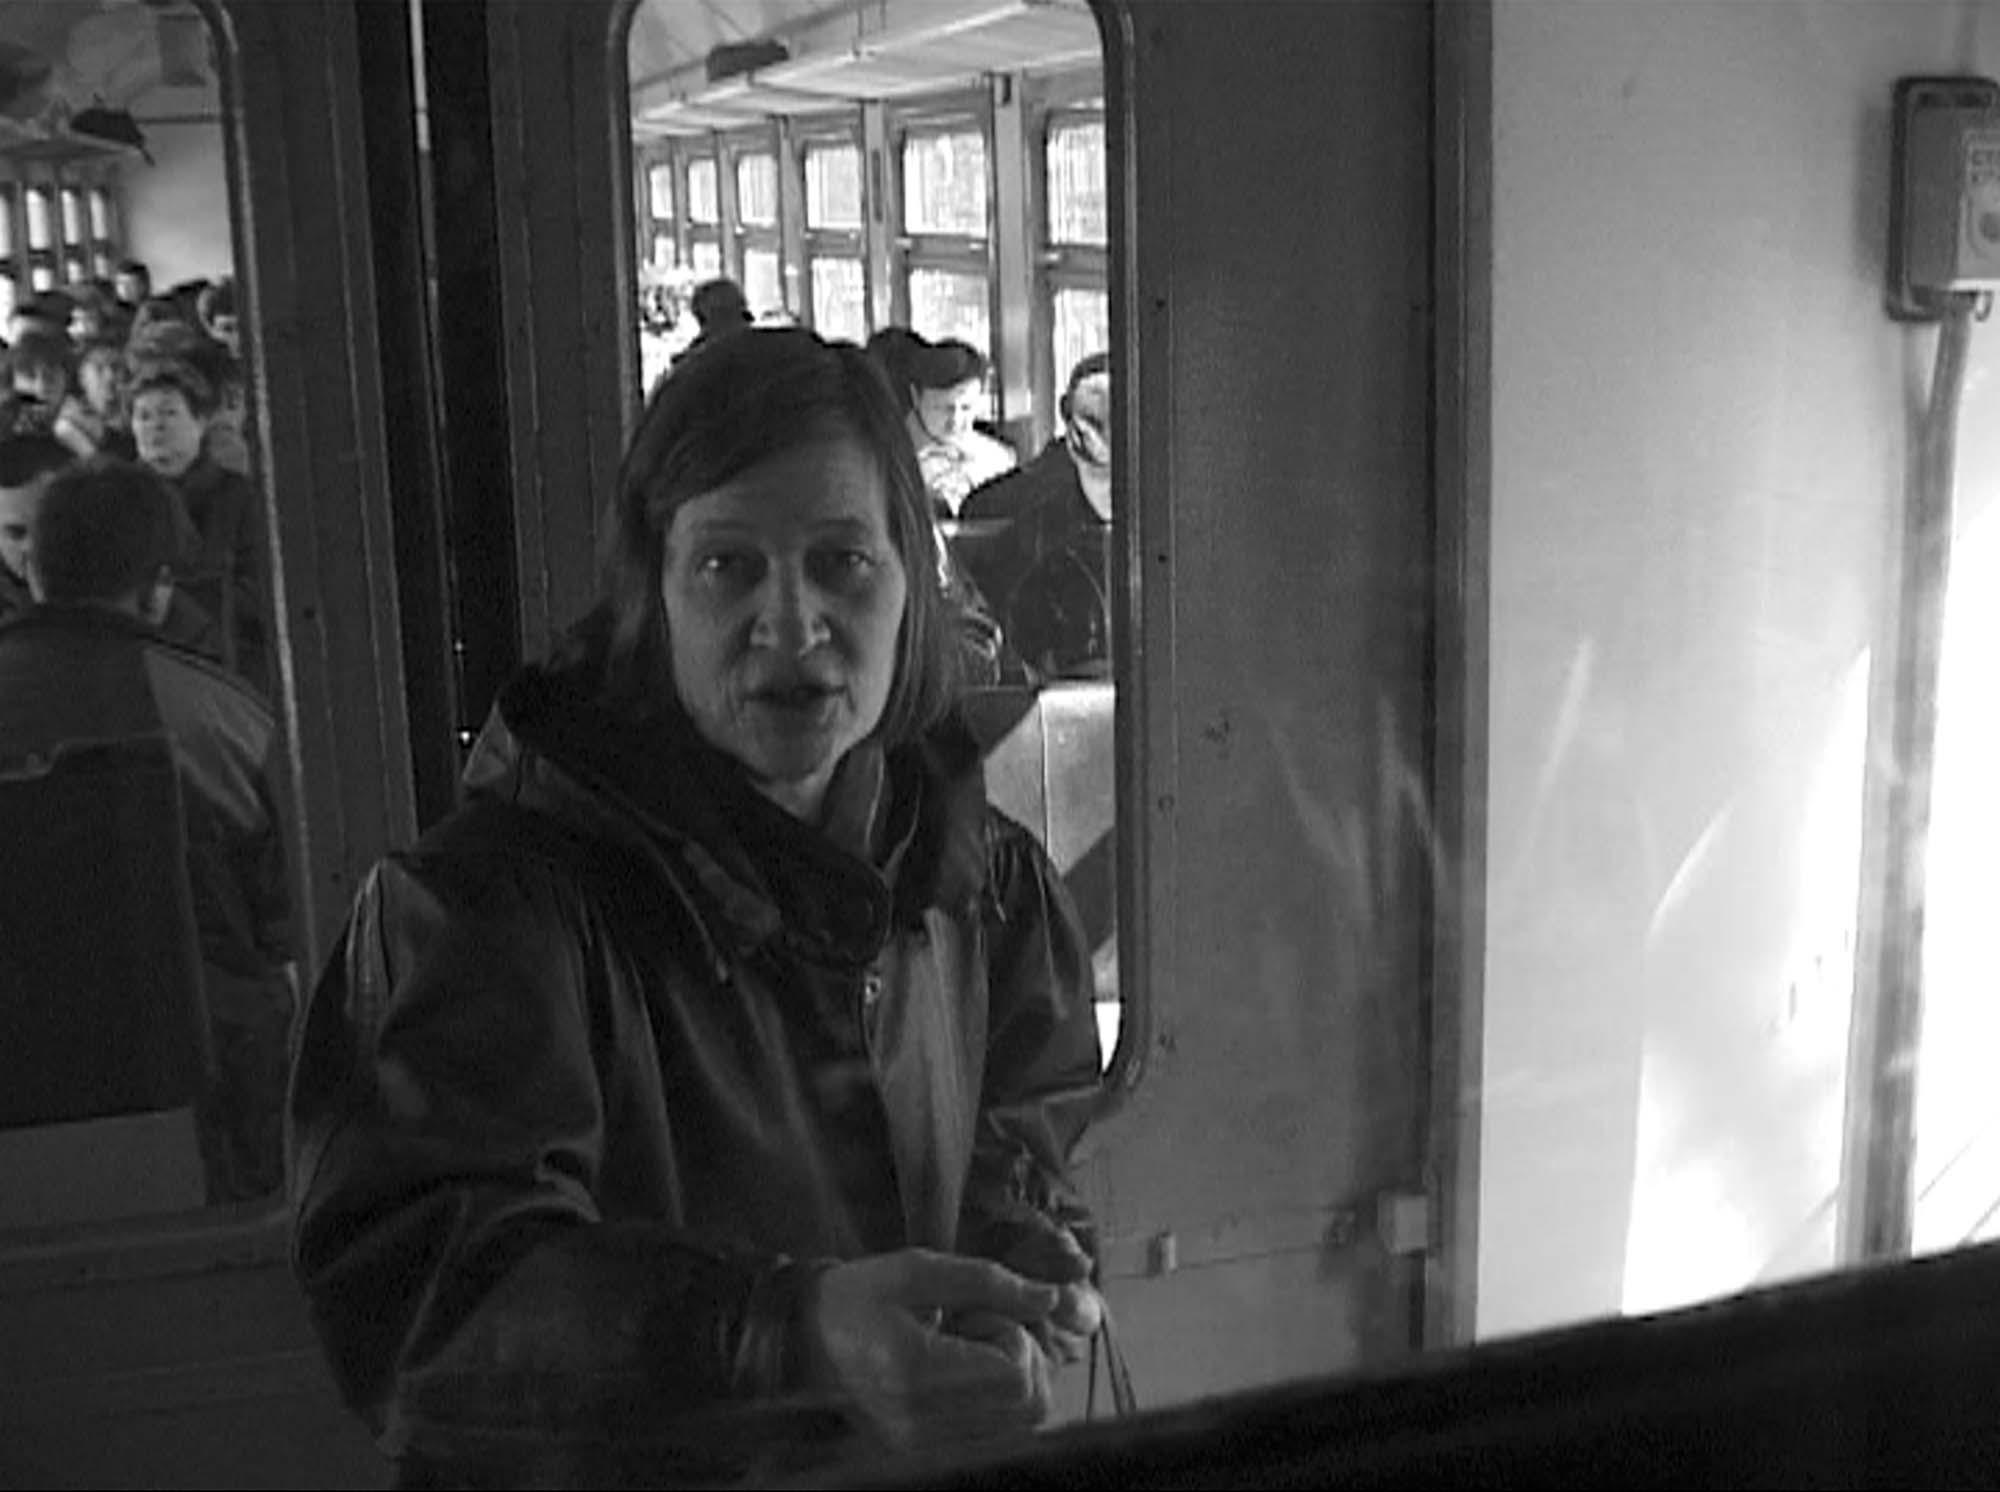 Olga Chernysheva